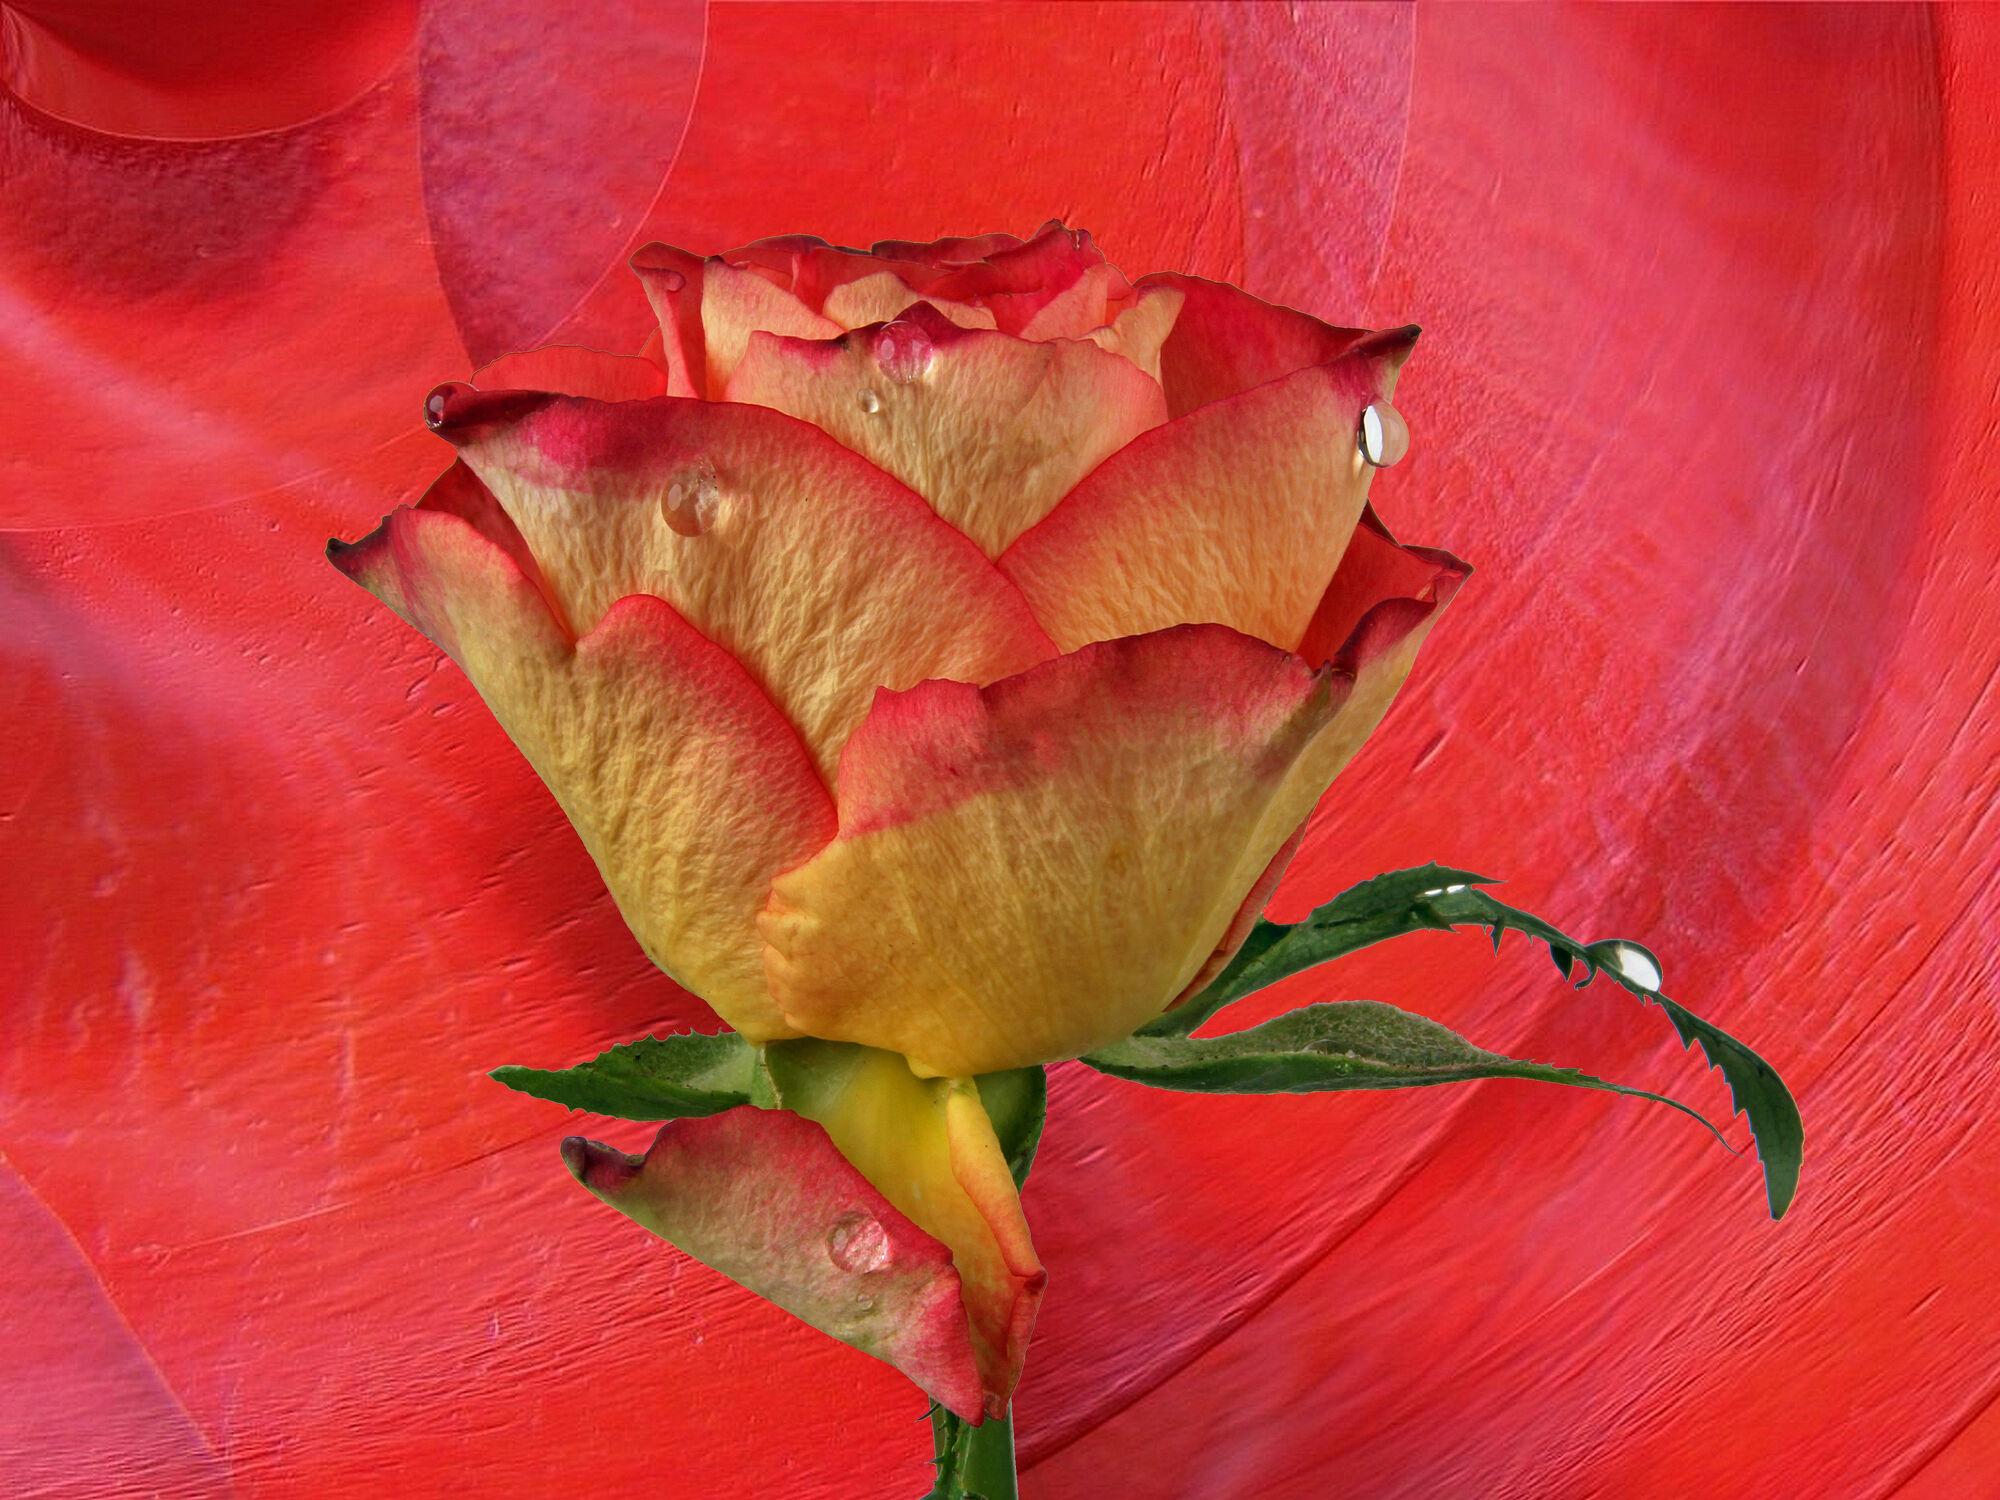 Bild mit Blumen, Rot, Rosen, Blätter, Blume, Rose, Blatt, Wassertropfen, Floral, Stilleben, Blüten, Florales, Textur, blüte, romantisch